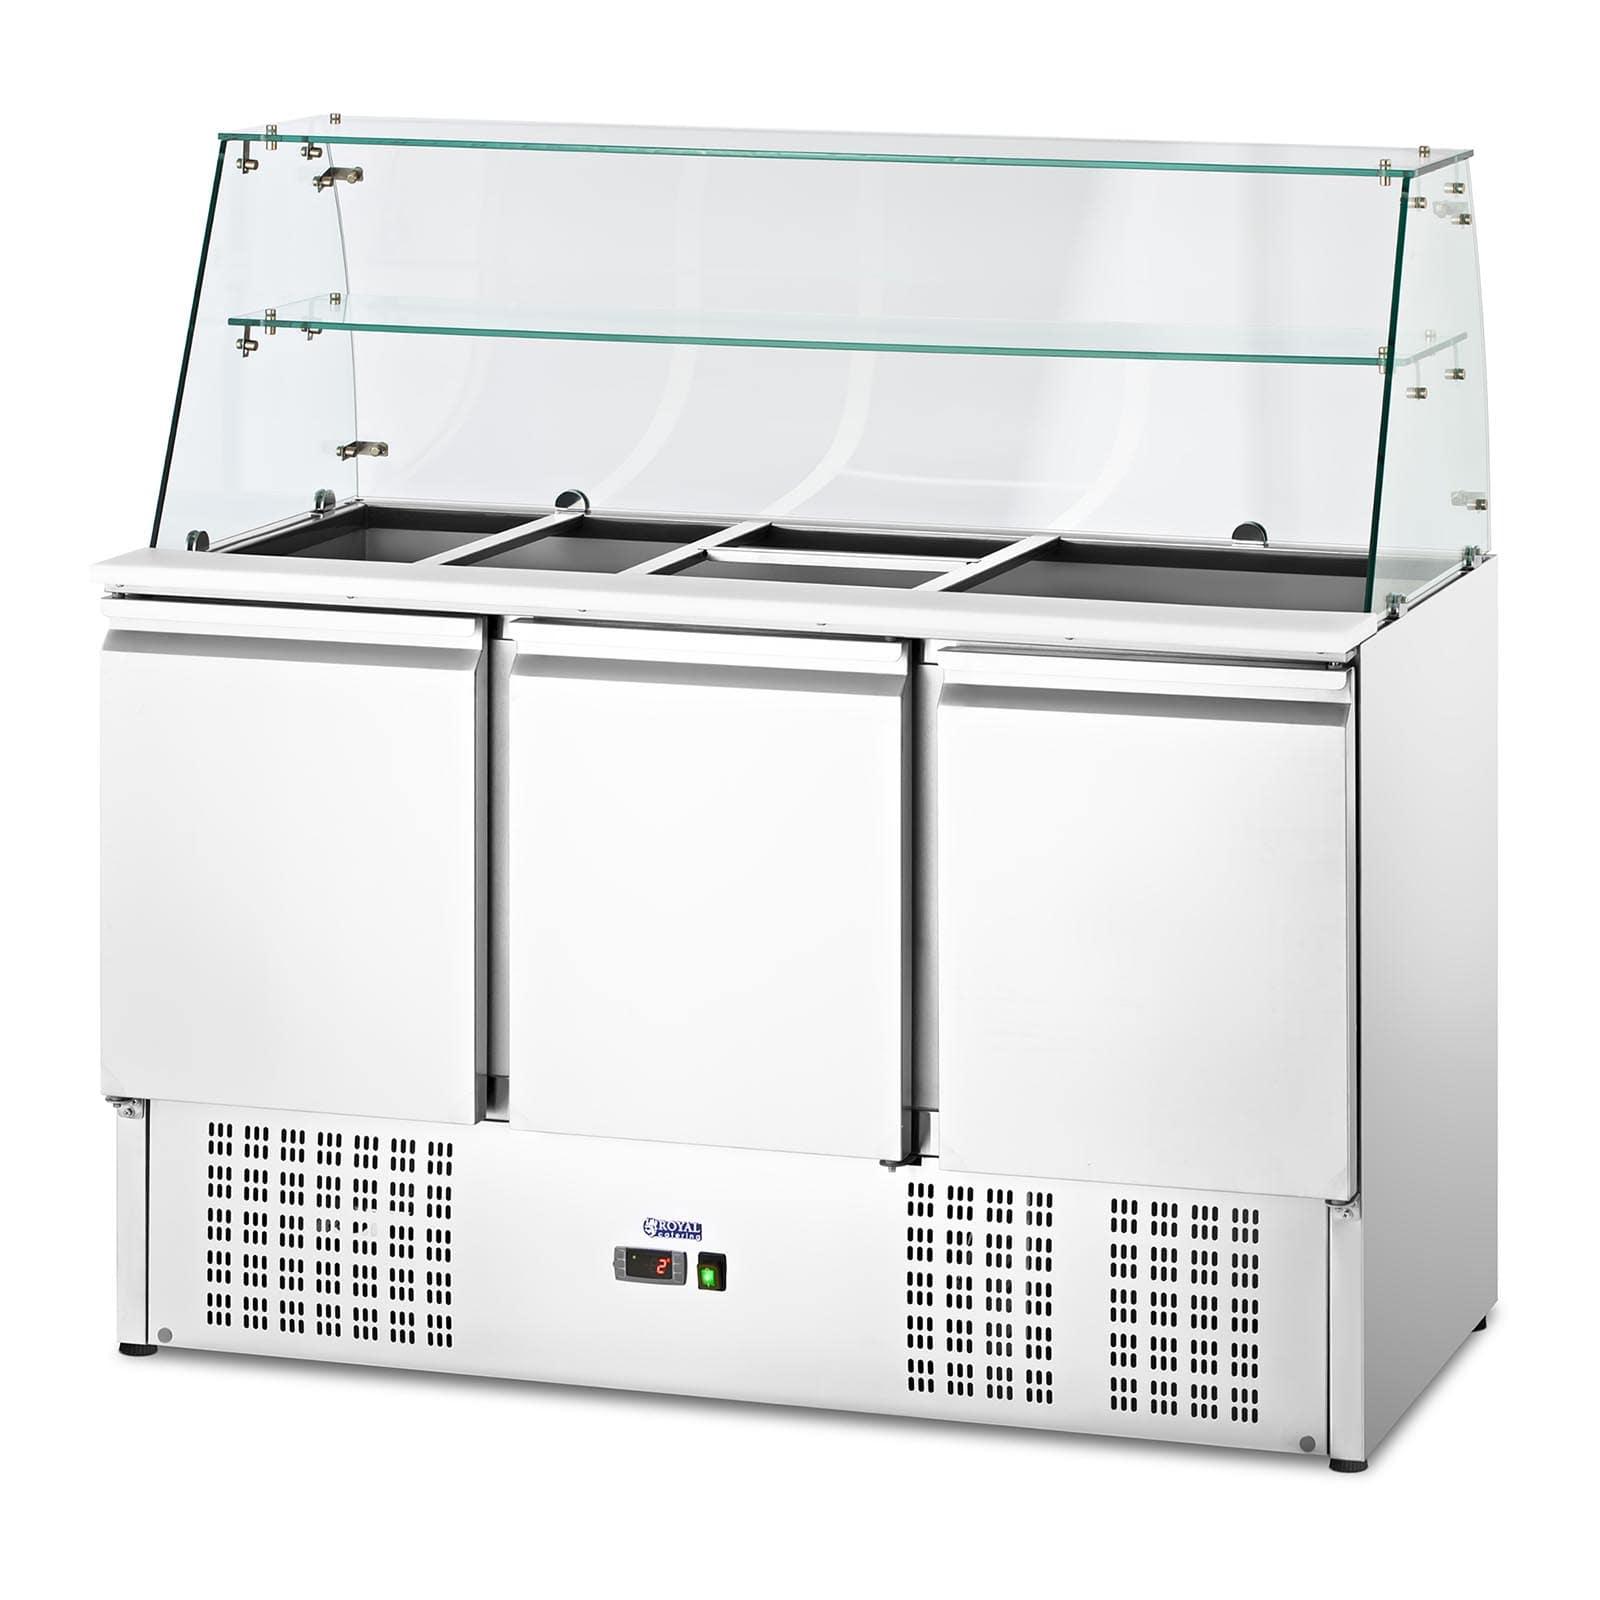 Bajomostrador refrigerado